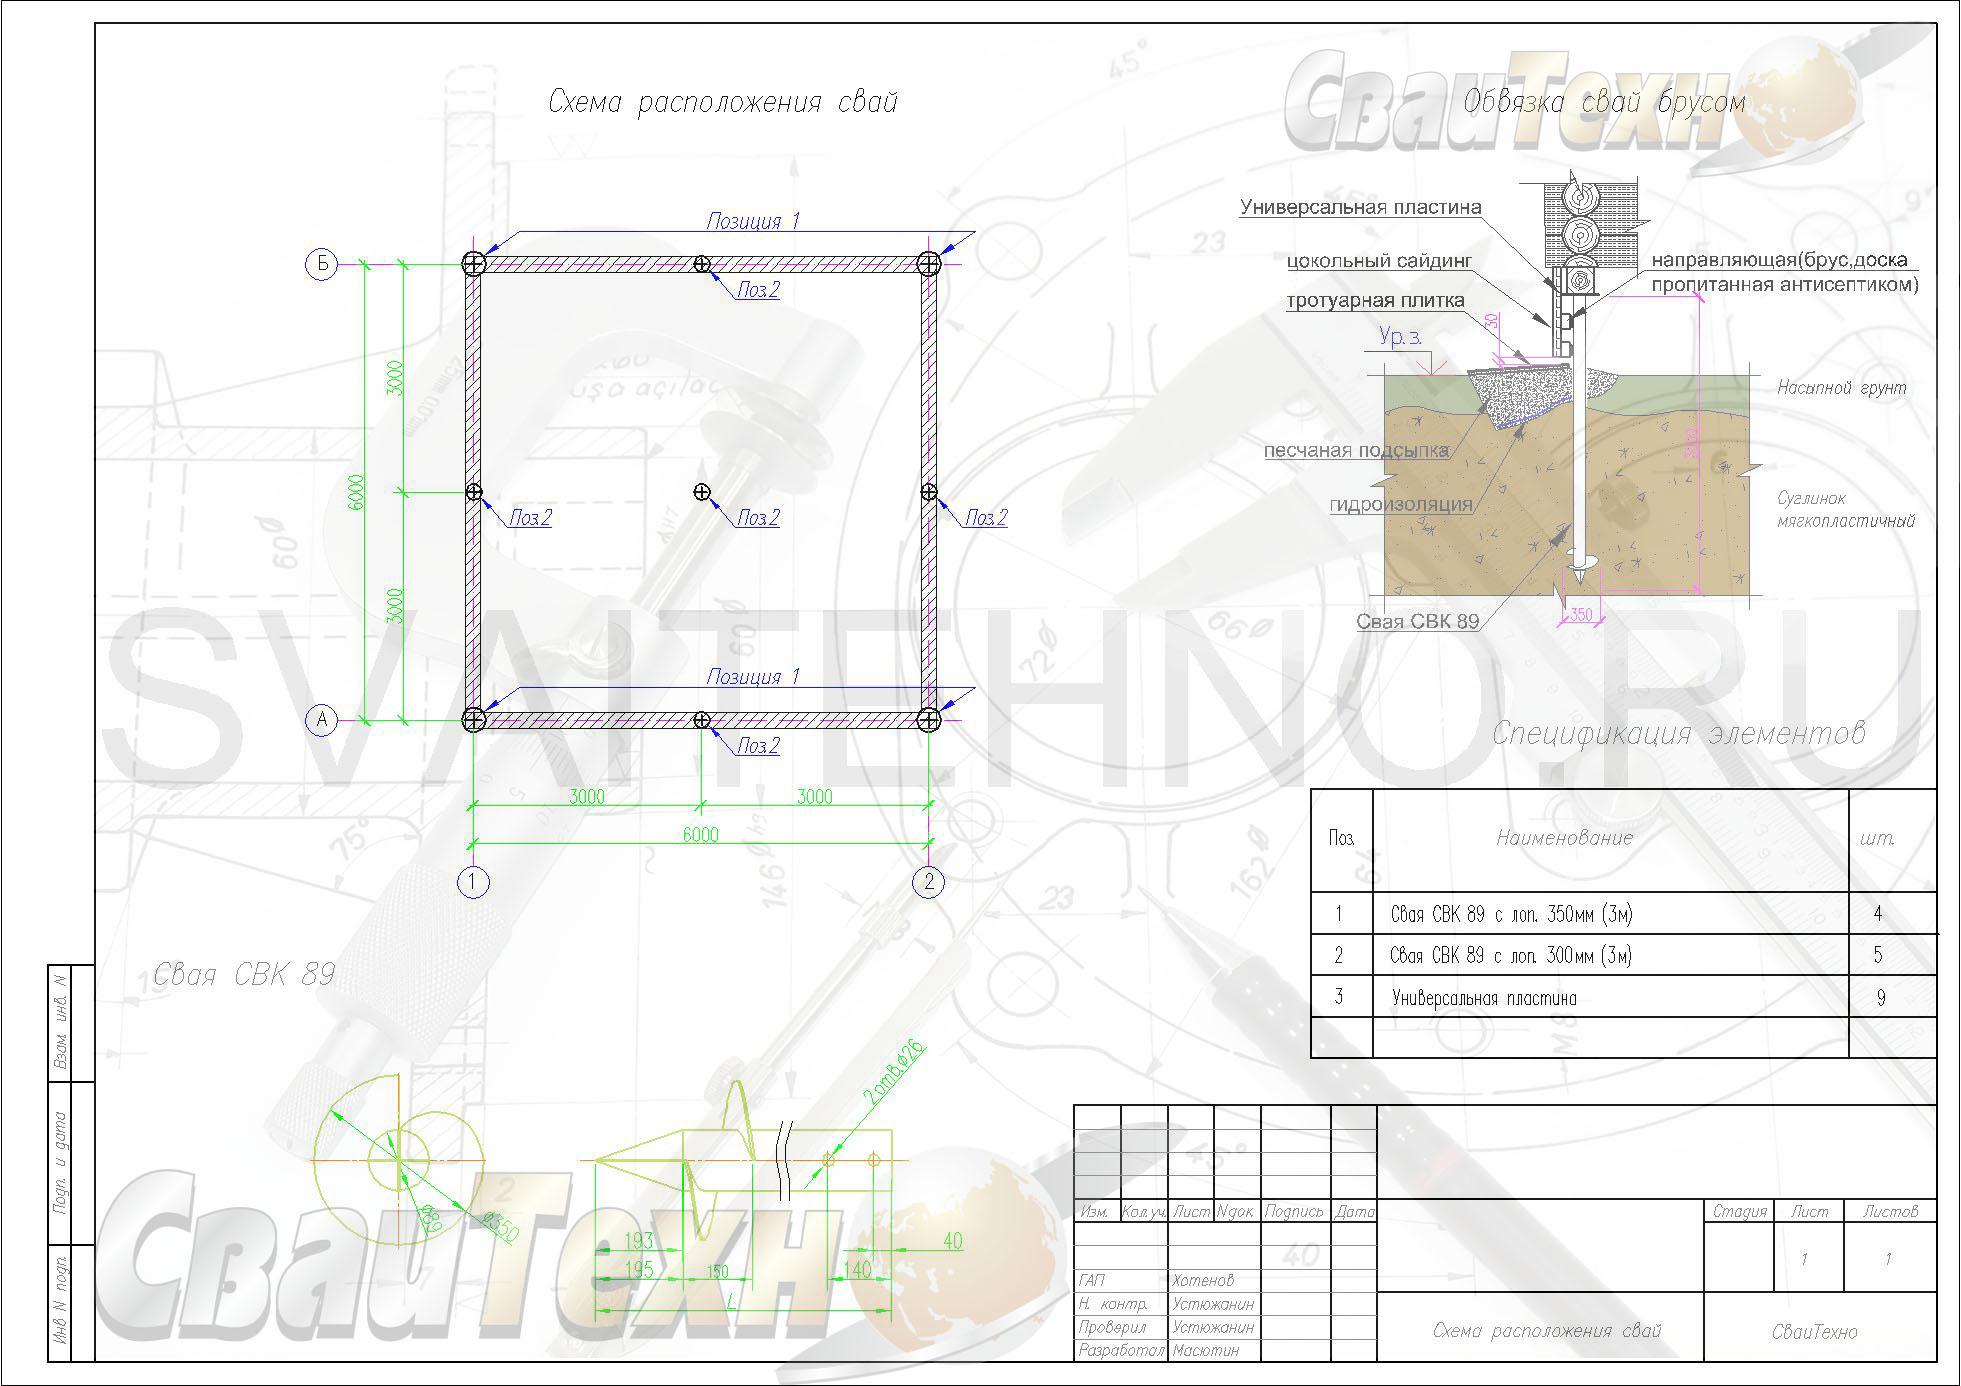 Схема расположения свай для строительства летнего дачного дома